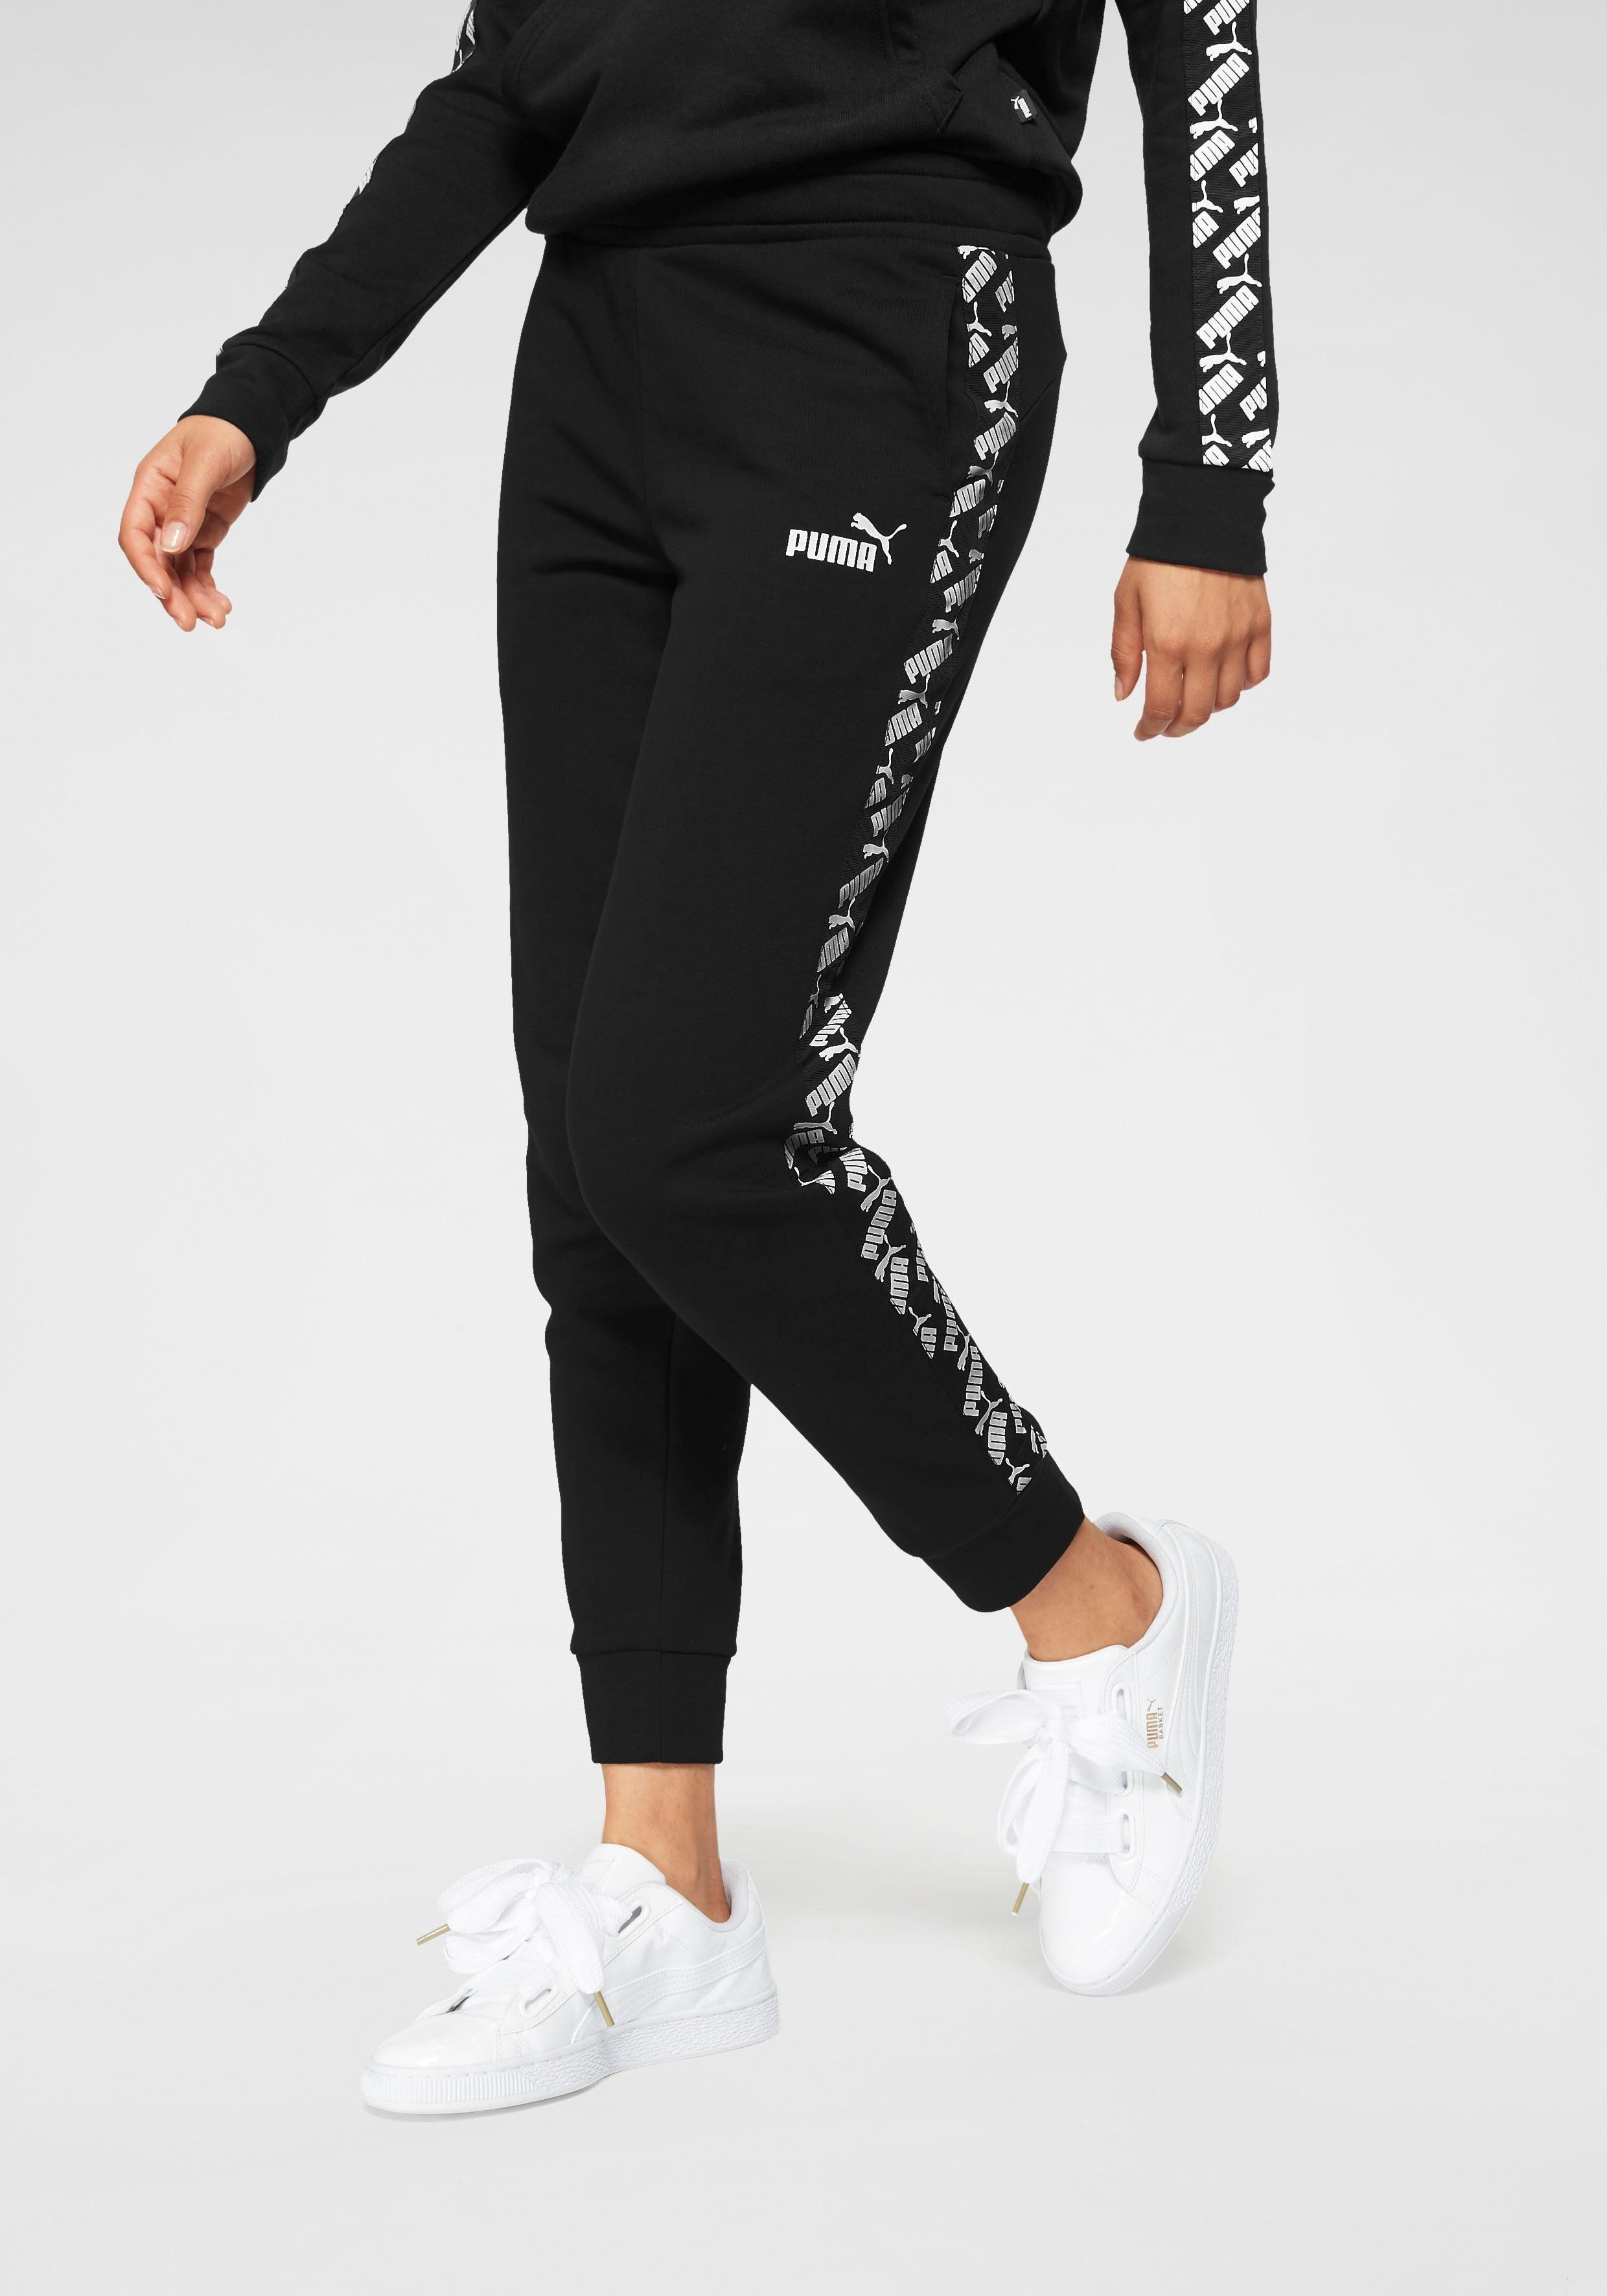 Puma Damen NU TILITY Jogginghose Sporthose Fleece Mit Bündchen Elastischer Bund